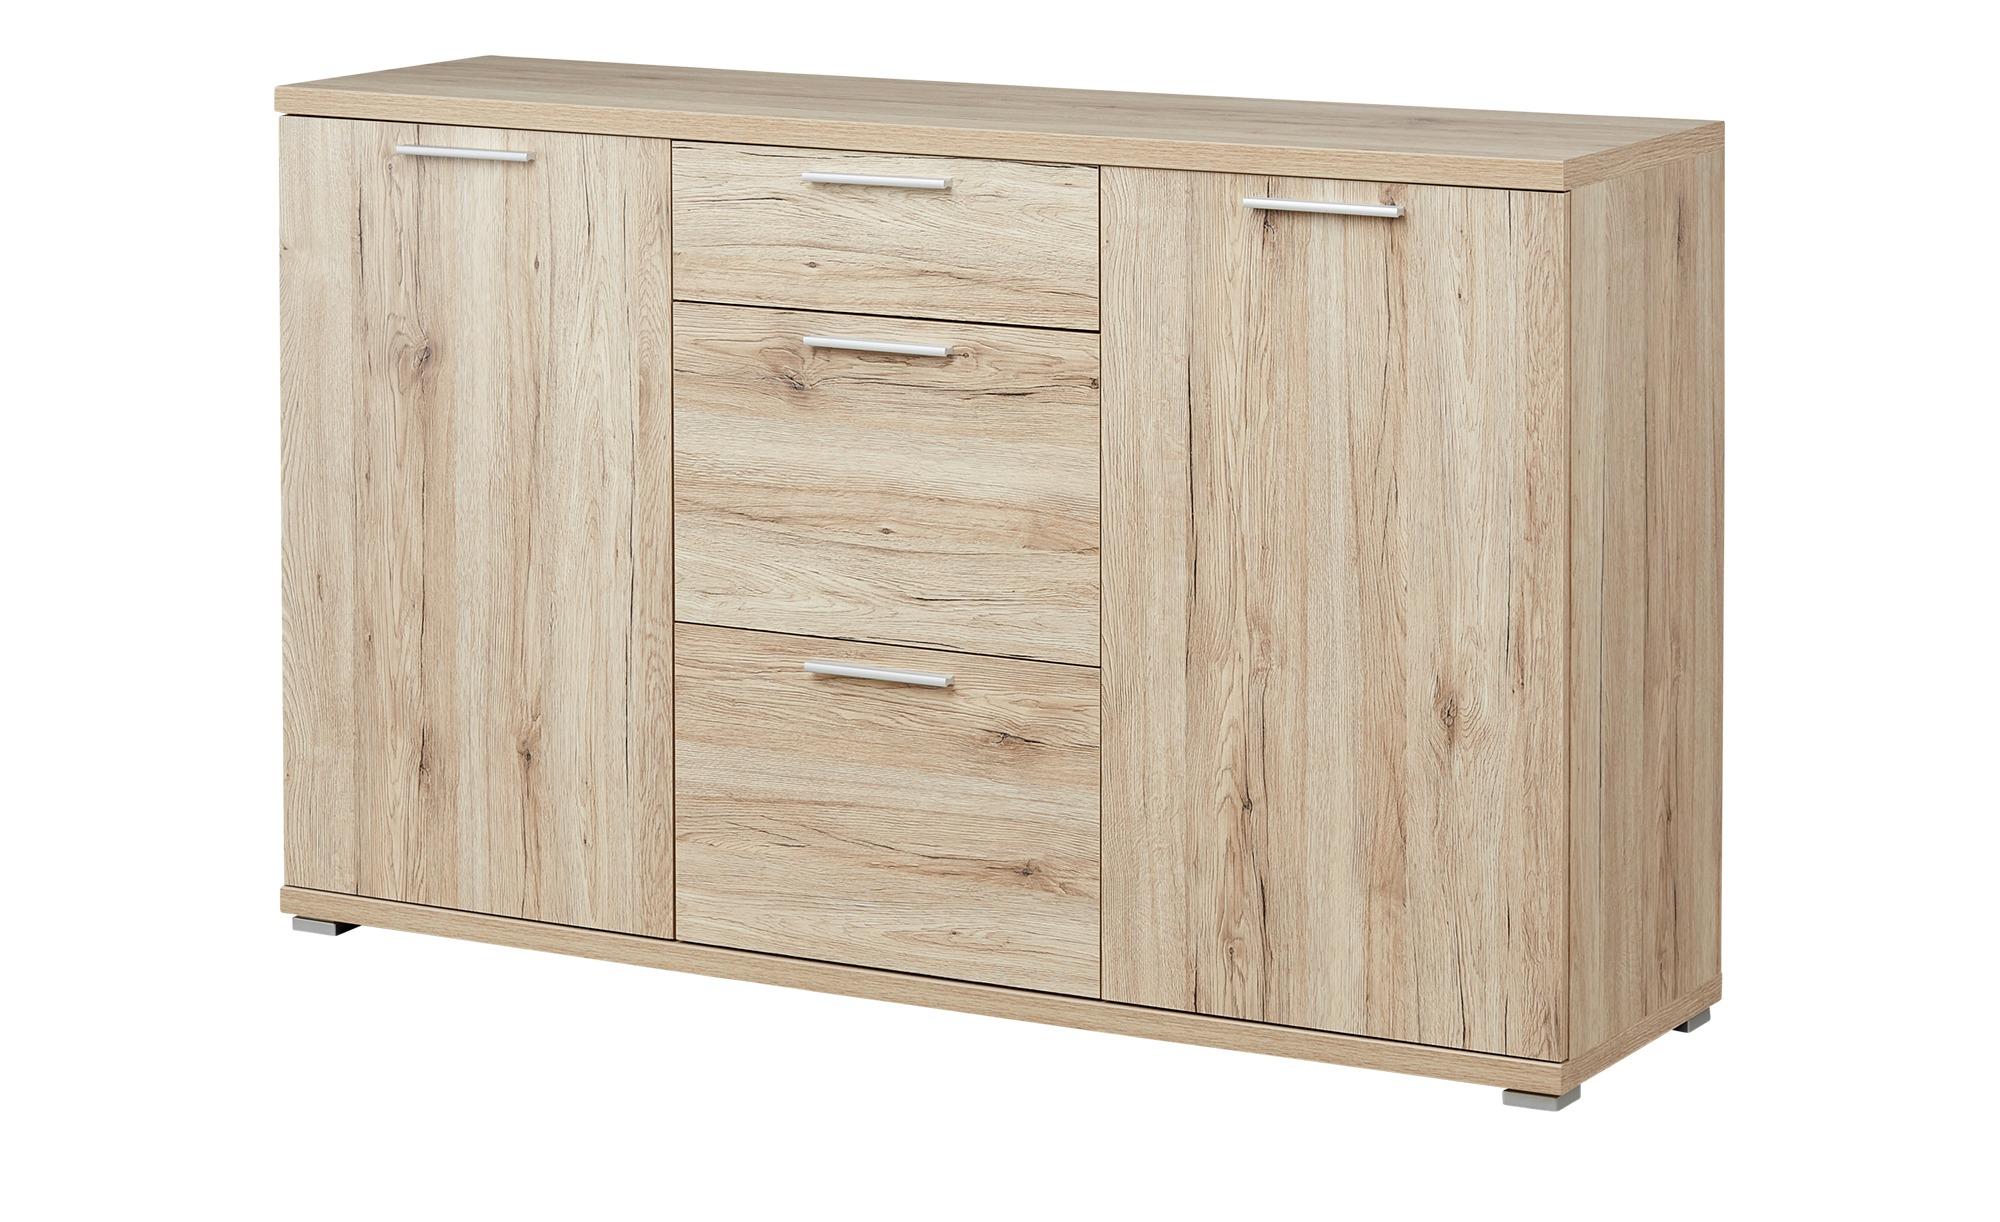 uno kommode boult breite 144 cm h he 88 cm holzfarben online kaufen bei woonio. Black Bedroom Furniture Sets. Home Design Ideas